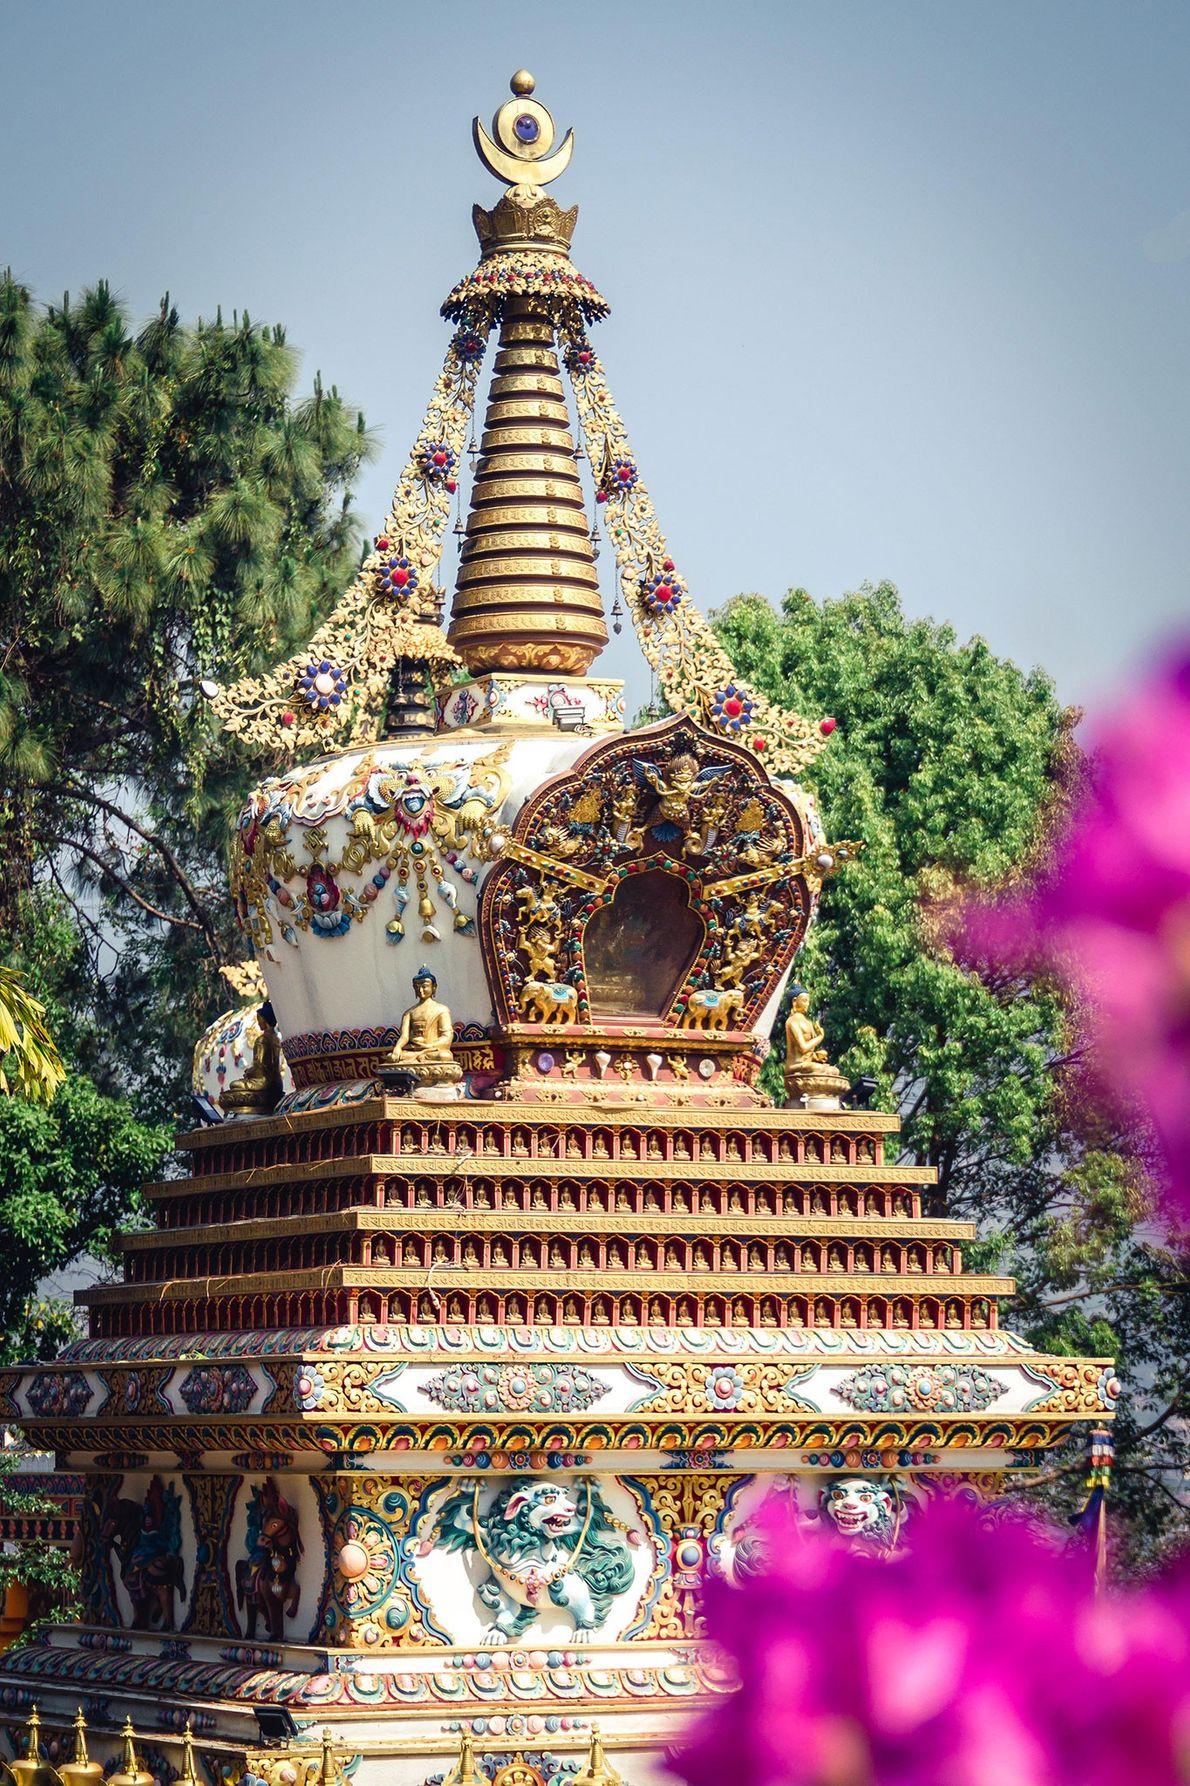 Lieu de résidence de centaines de moines bouddhistes chanteurs et d'étudiants étrangers en méditation, le monastère ...